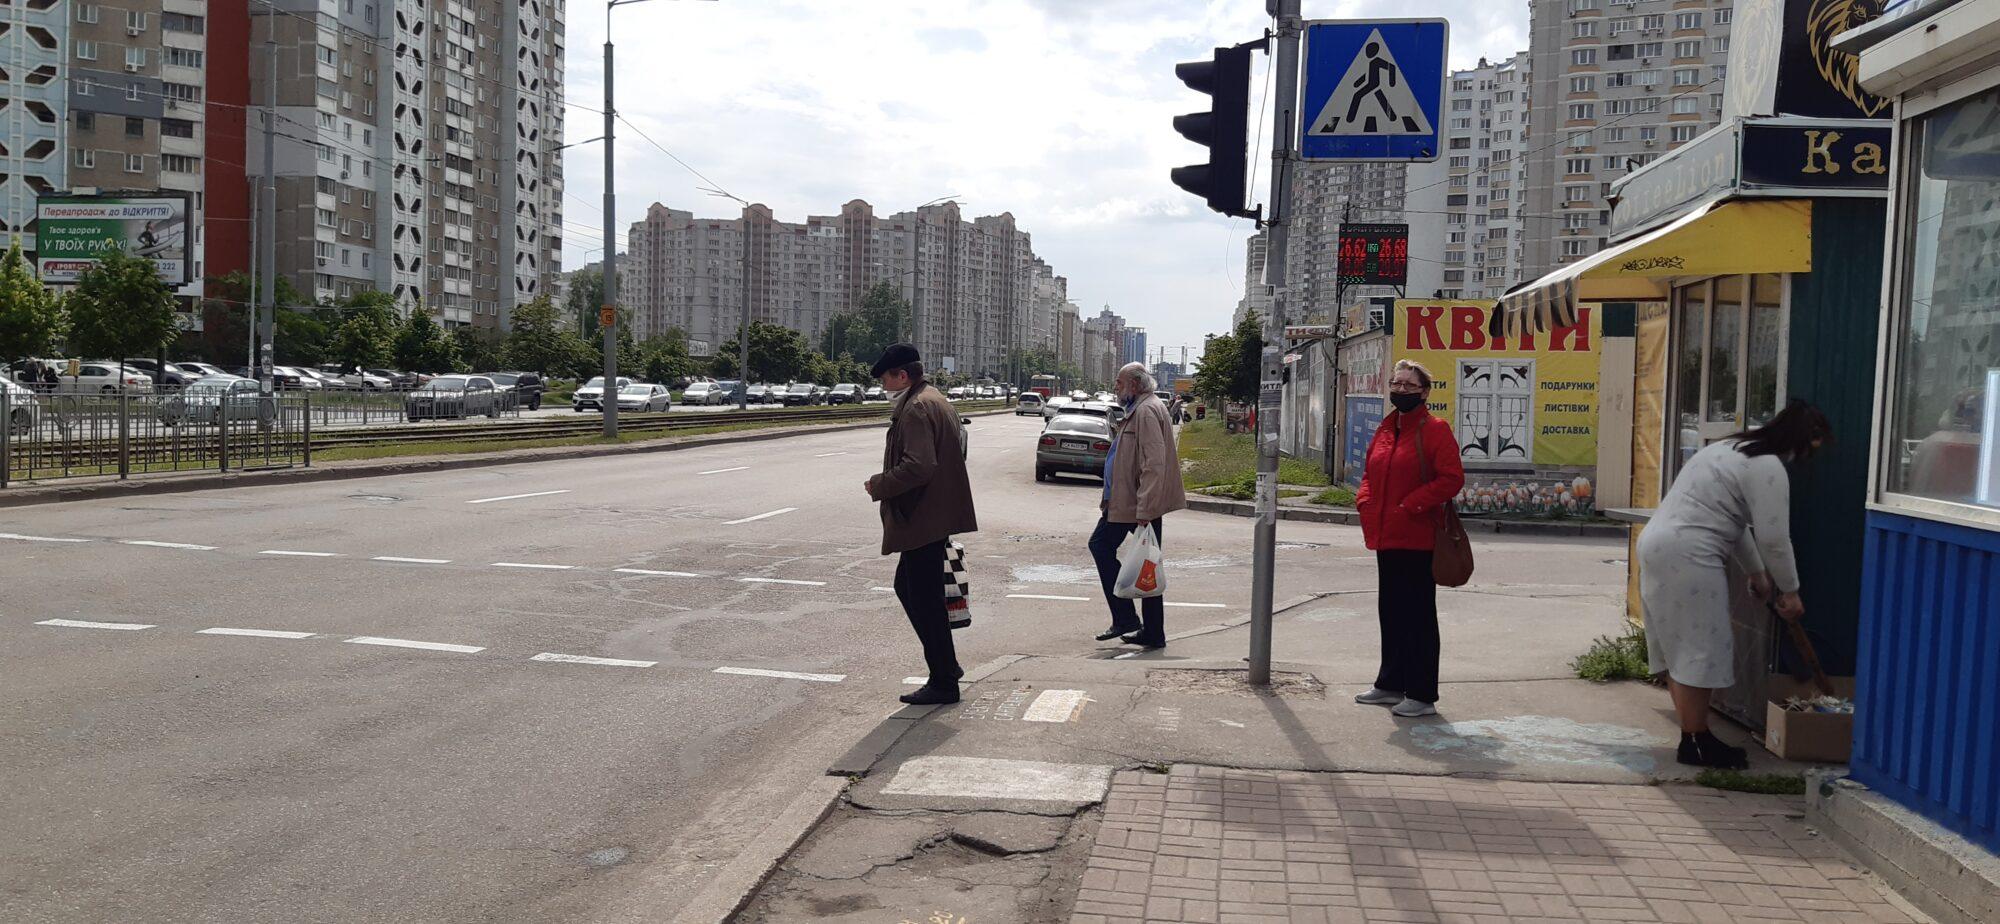 10 червня в Україні стартує черговий етап послаблення карантину, в Києві - ні -  - 20200605 153726 2000x924